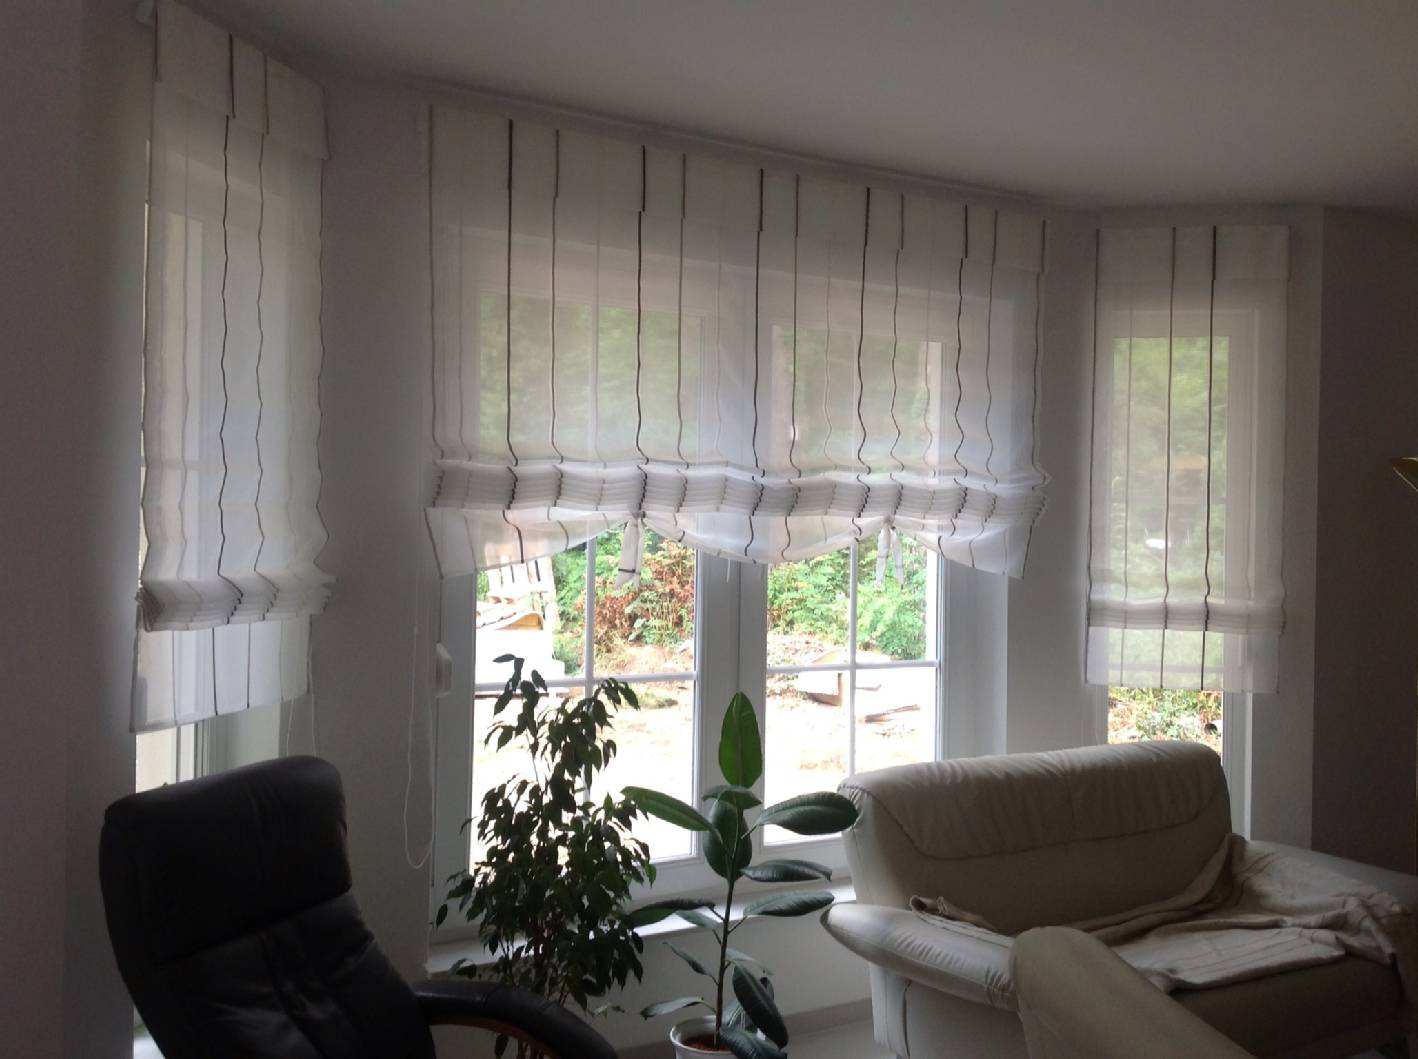 Gardinen design mitglied der berliner innung raumausstatter - Raumausstattung wohnzimmer ...